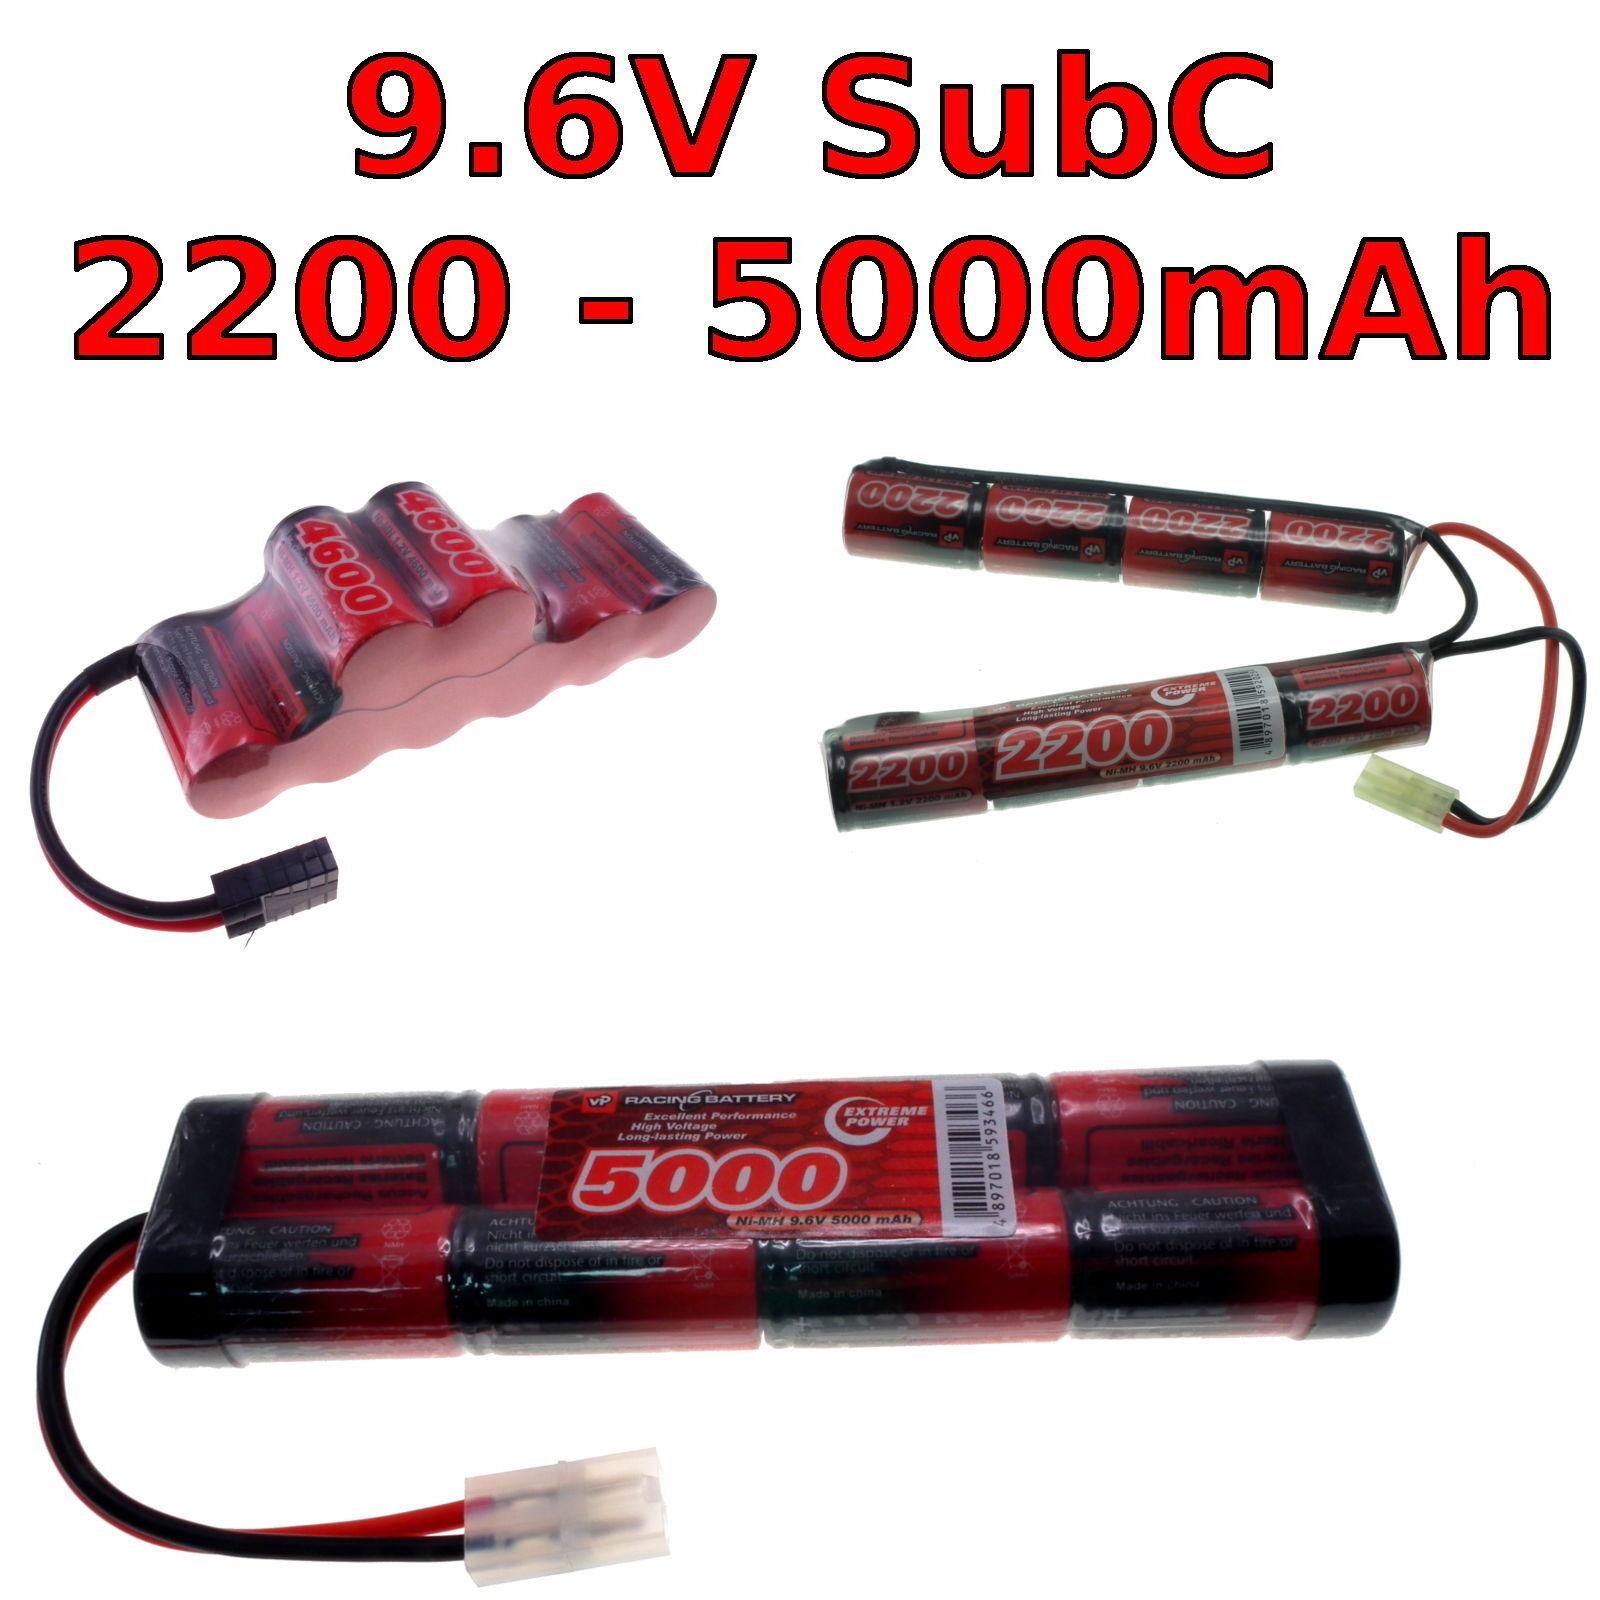 9.6V 2200-5000mah SubC SC PREMIUM RACING RC NIMH BATTERIA CONFEZIONE + su misura